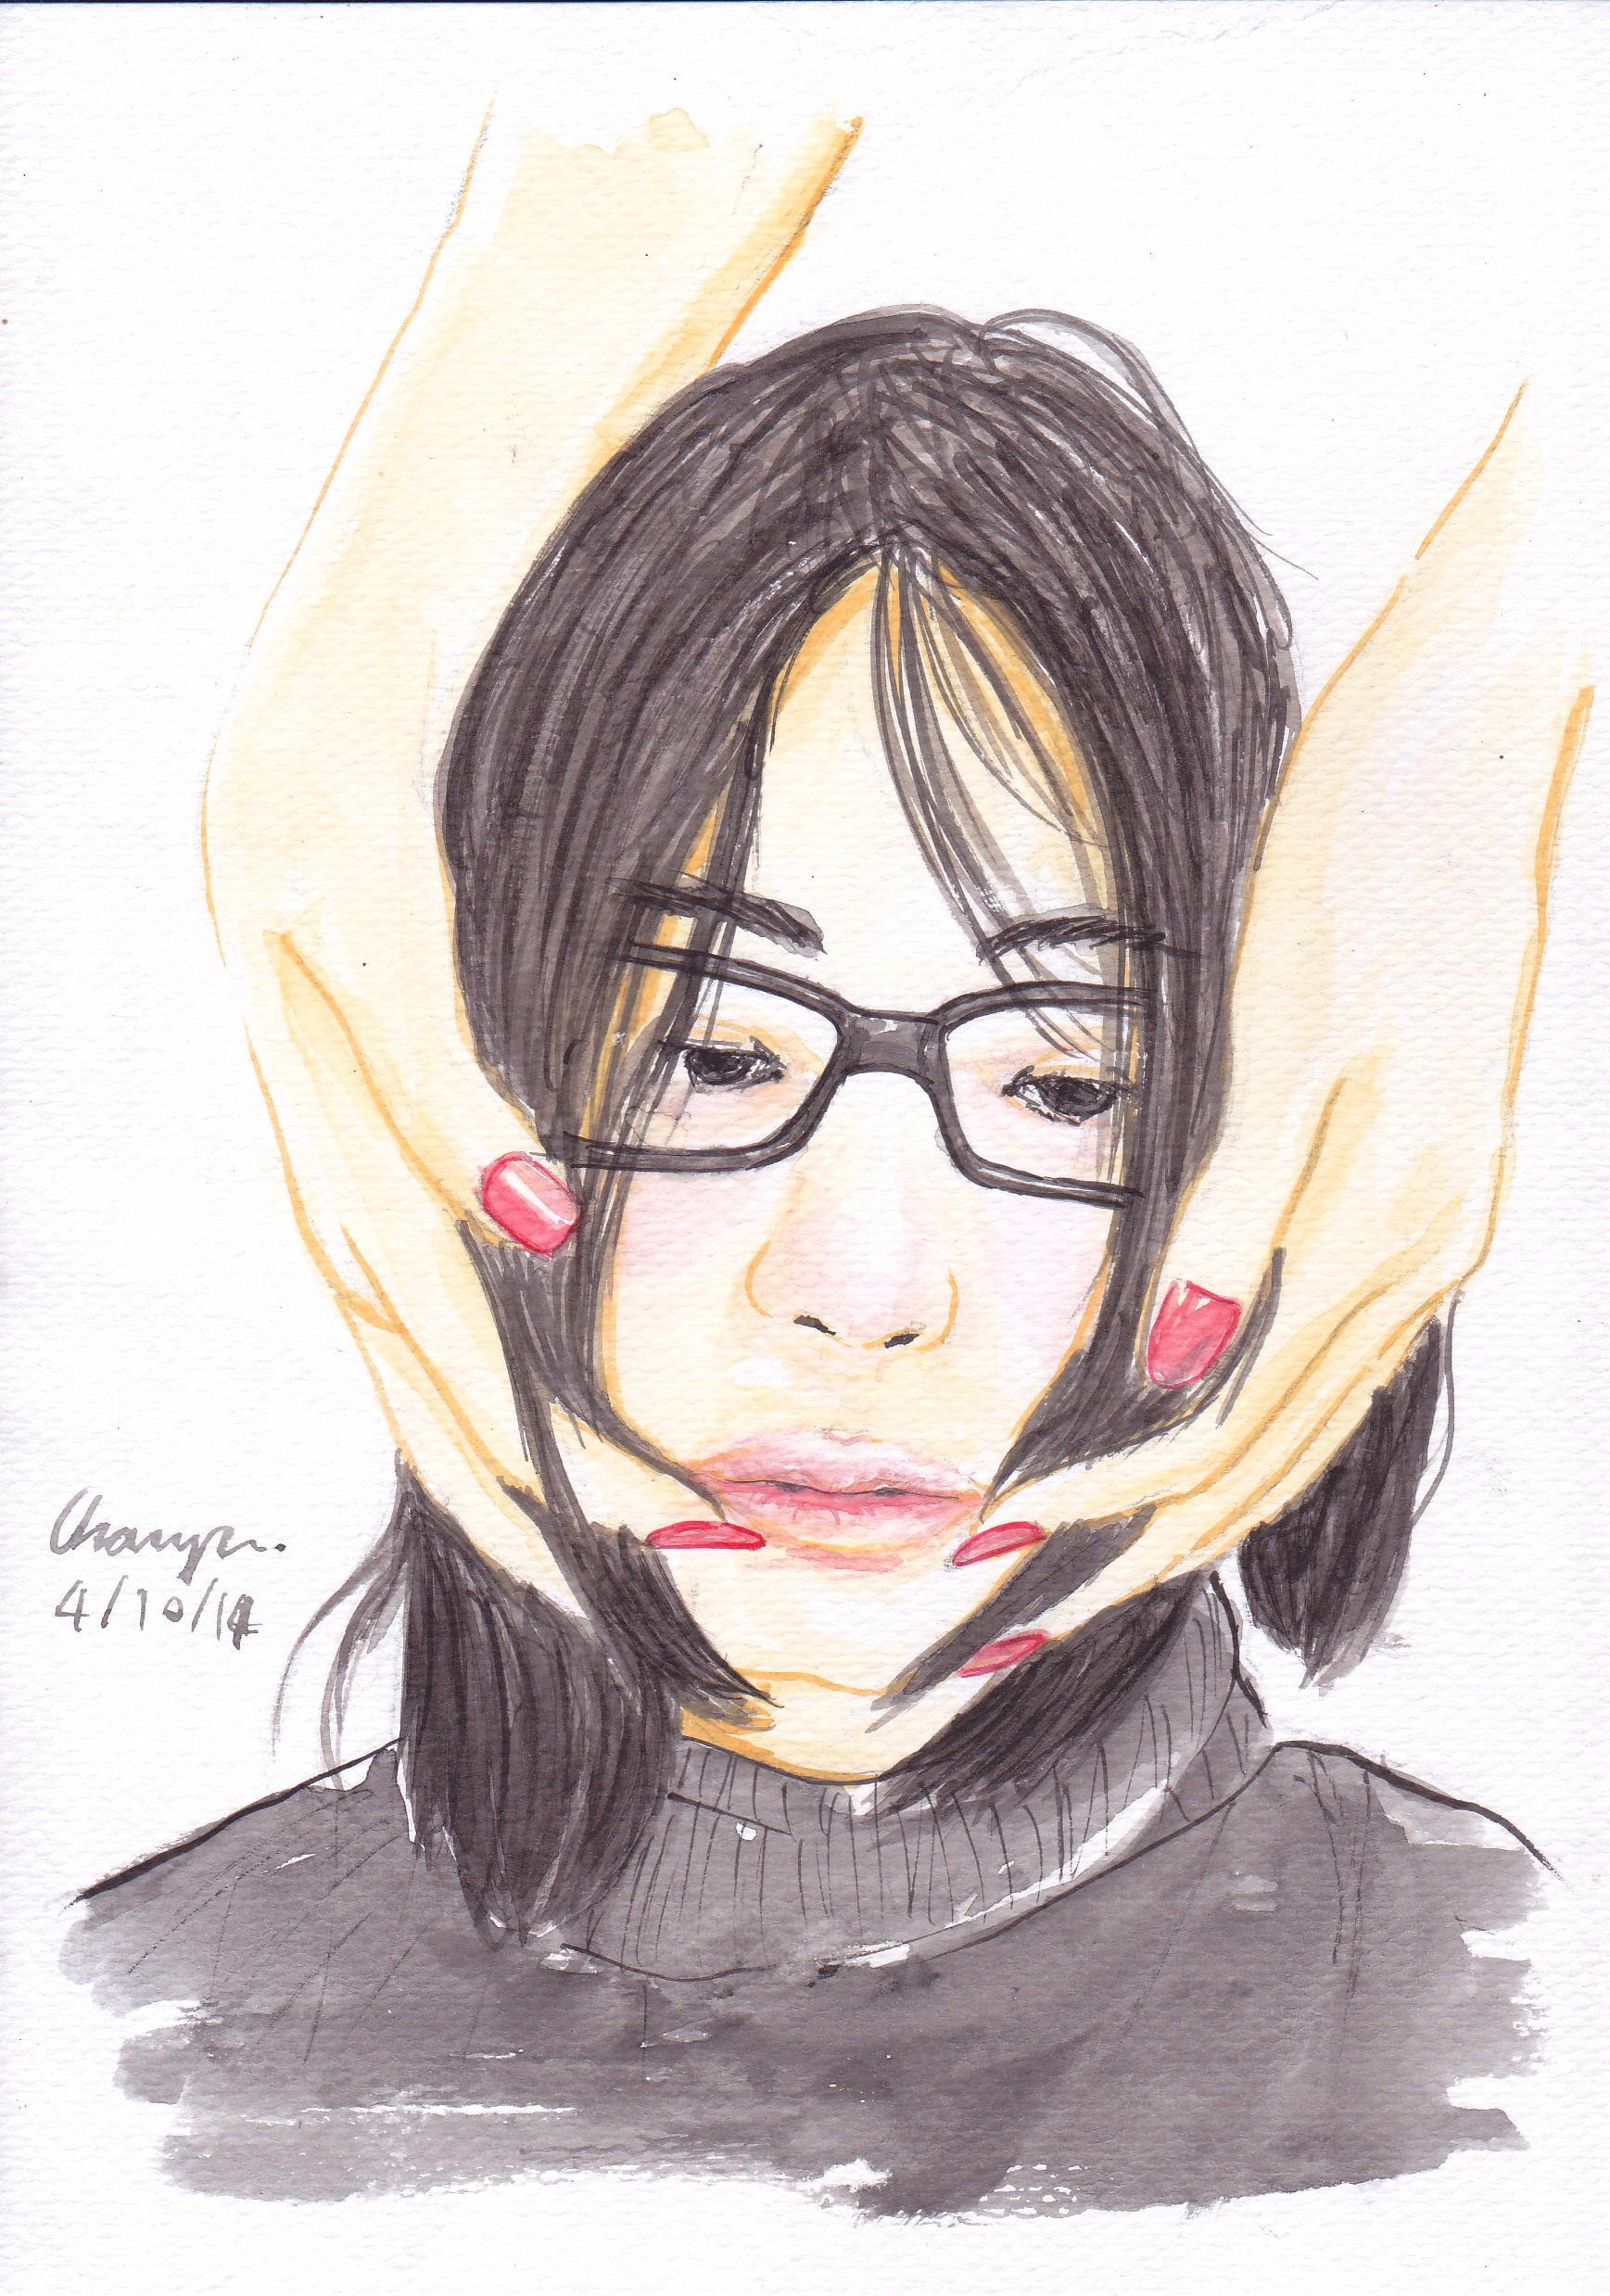 Gambar Potret Wanita Lukisan Menghadapi Sketsa Ilustrasi